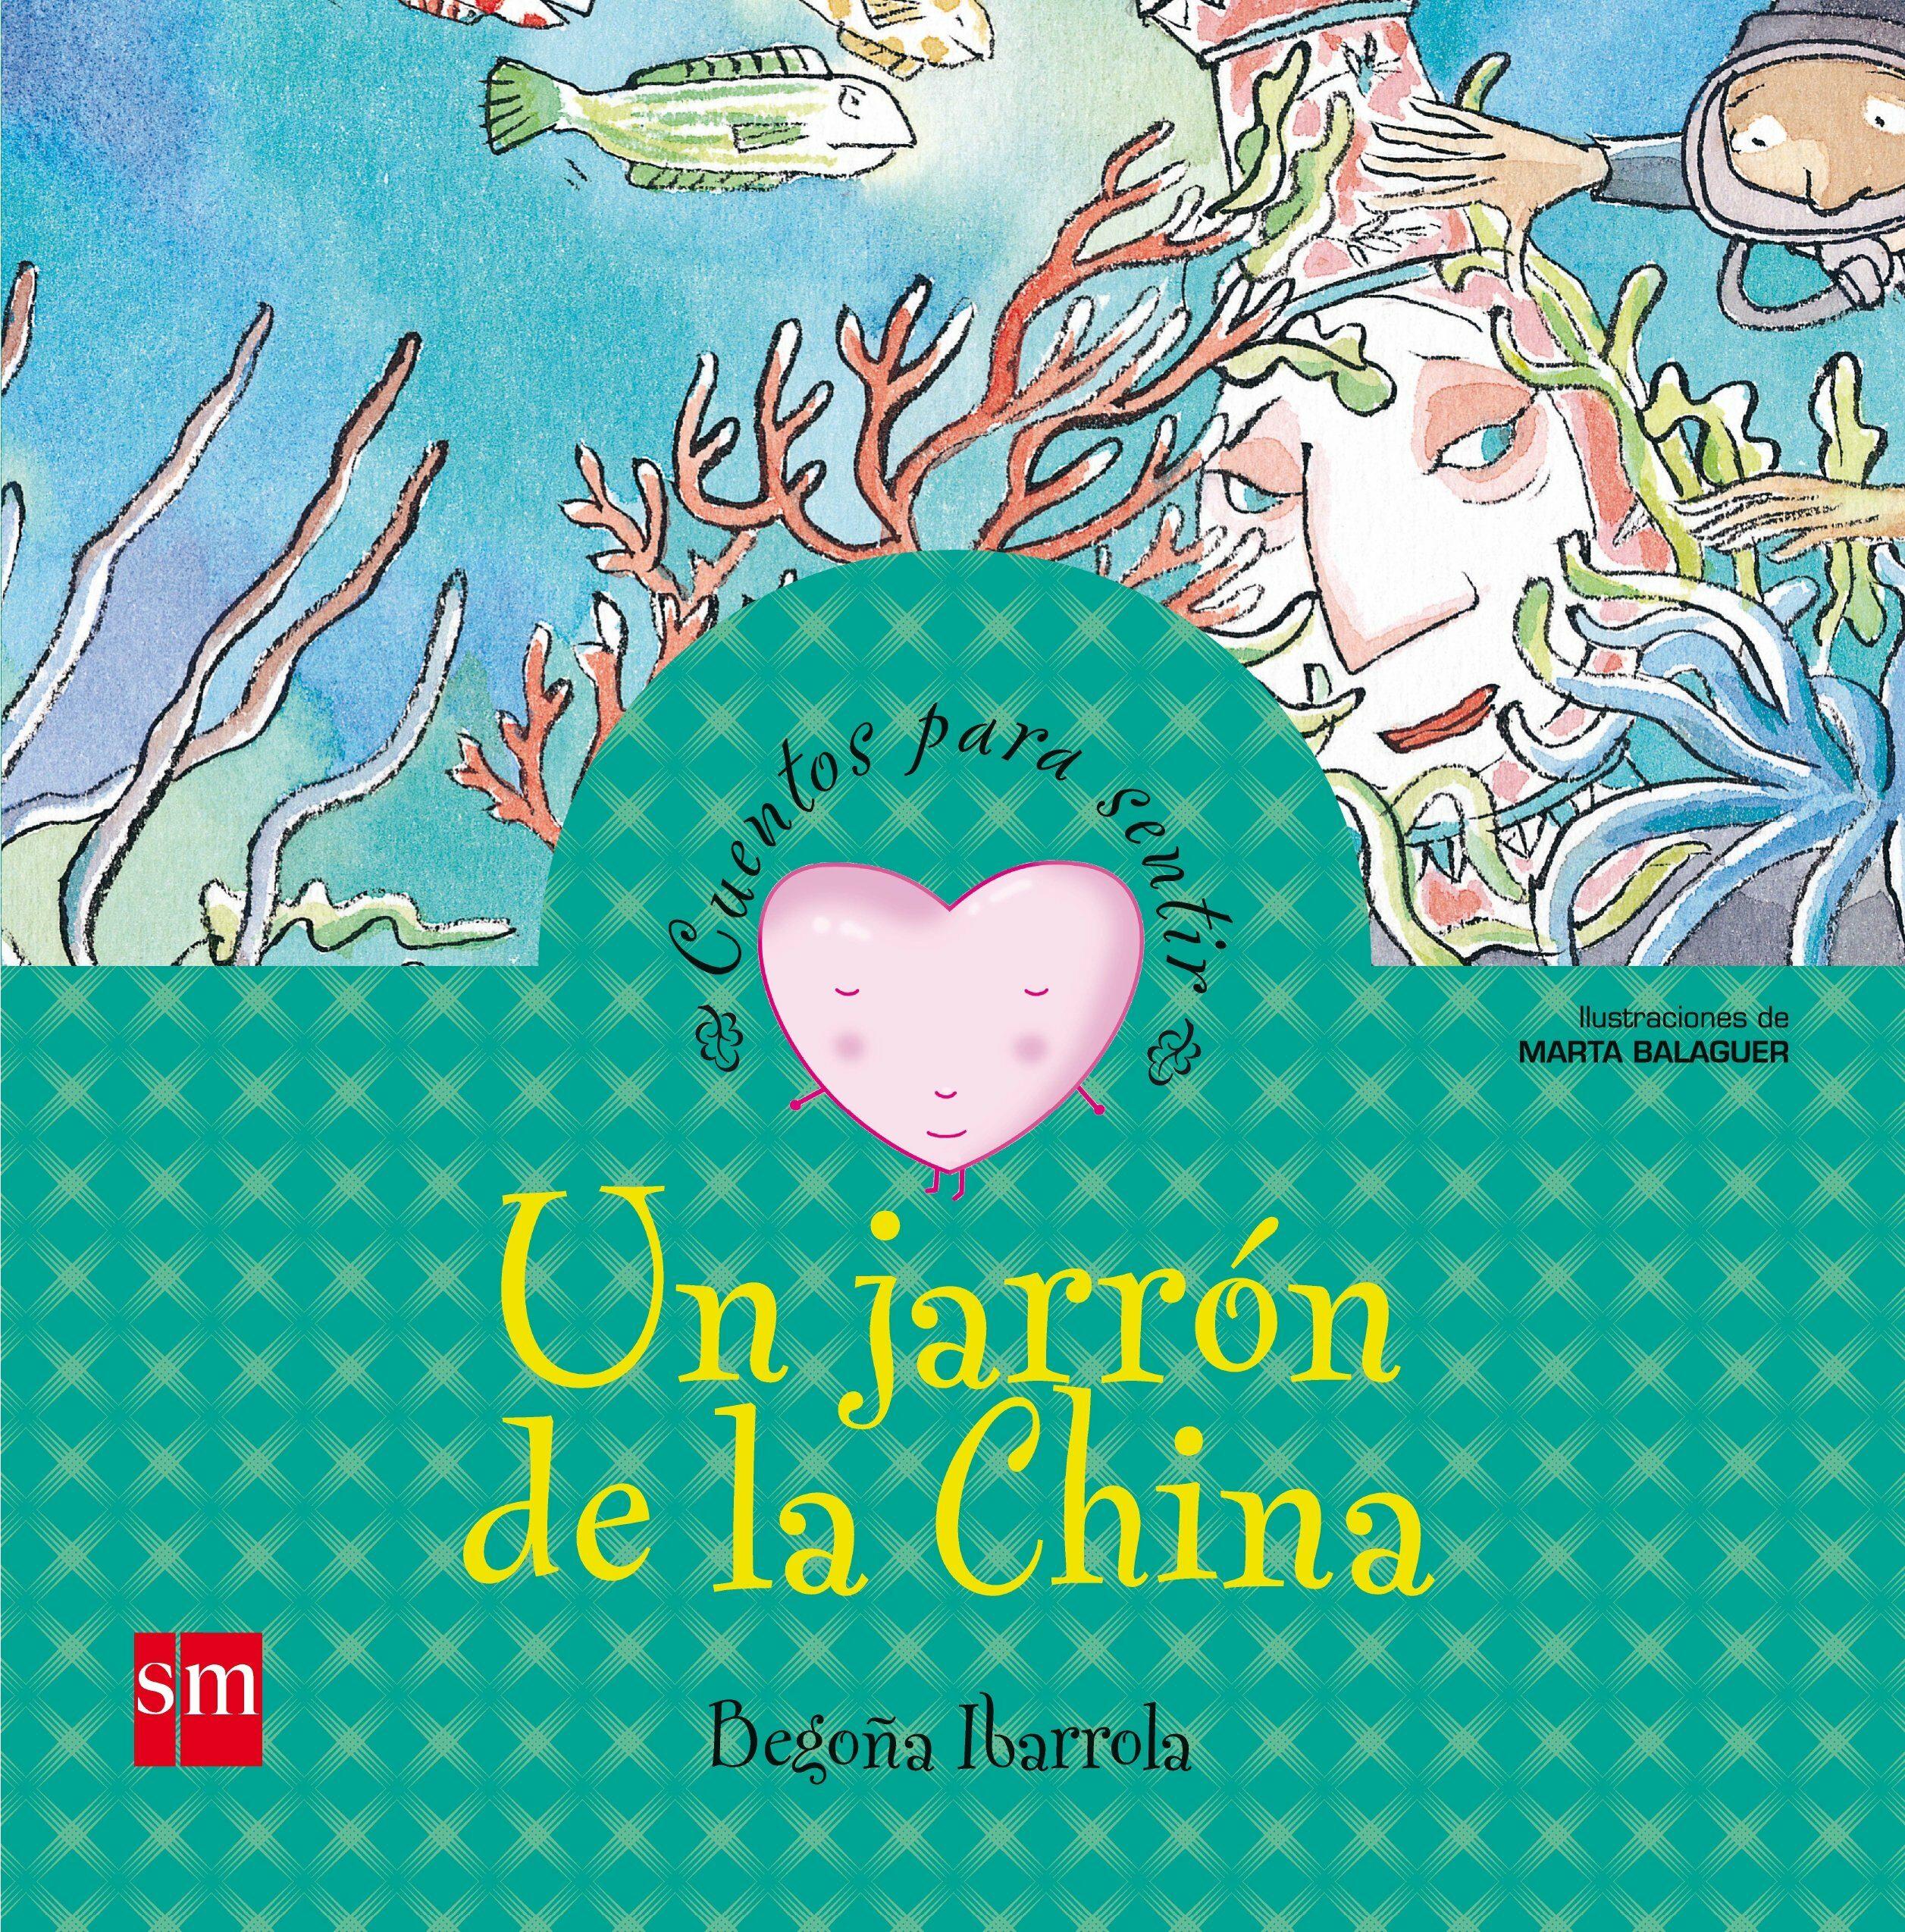 Un Jarron De La China (cuentos Para Sentir Emociones) por Begoña Ibarrola Gratis